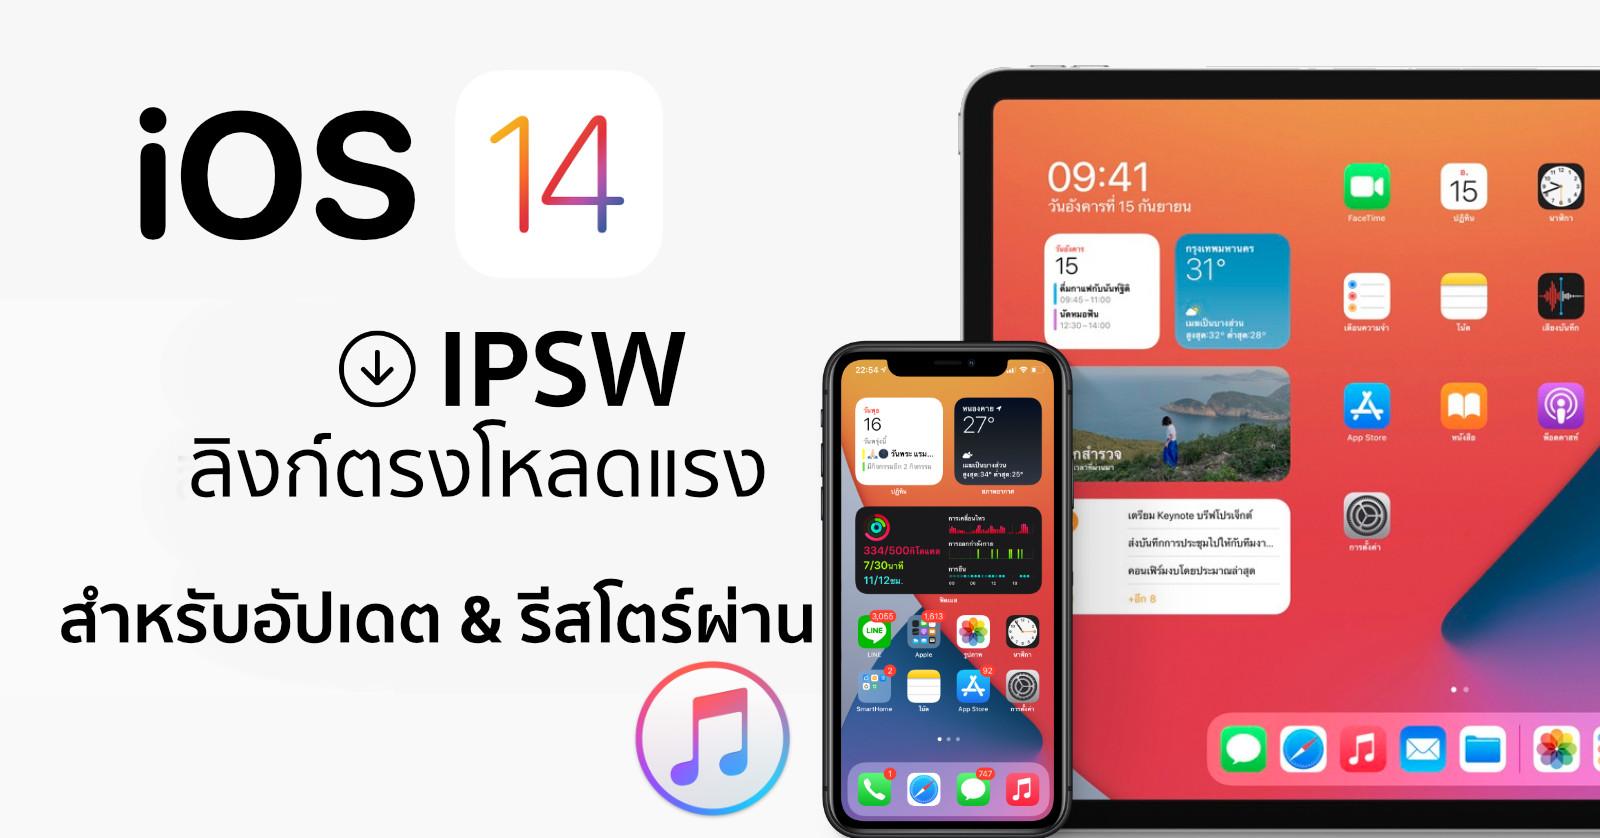 ipsw 14.3